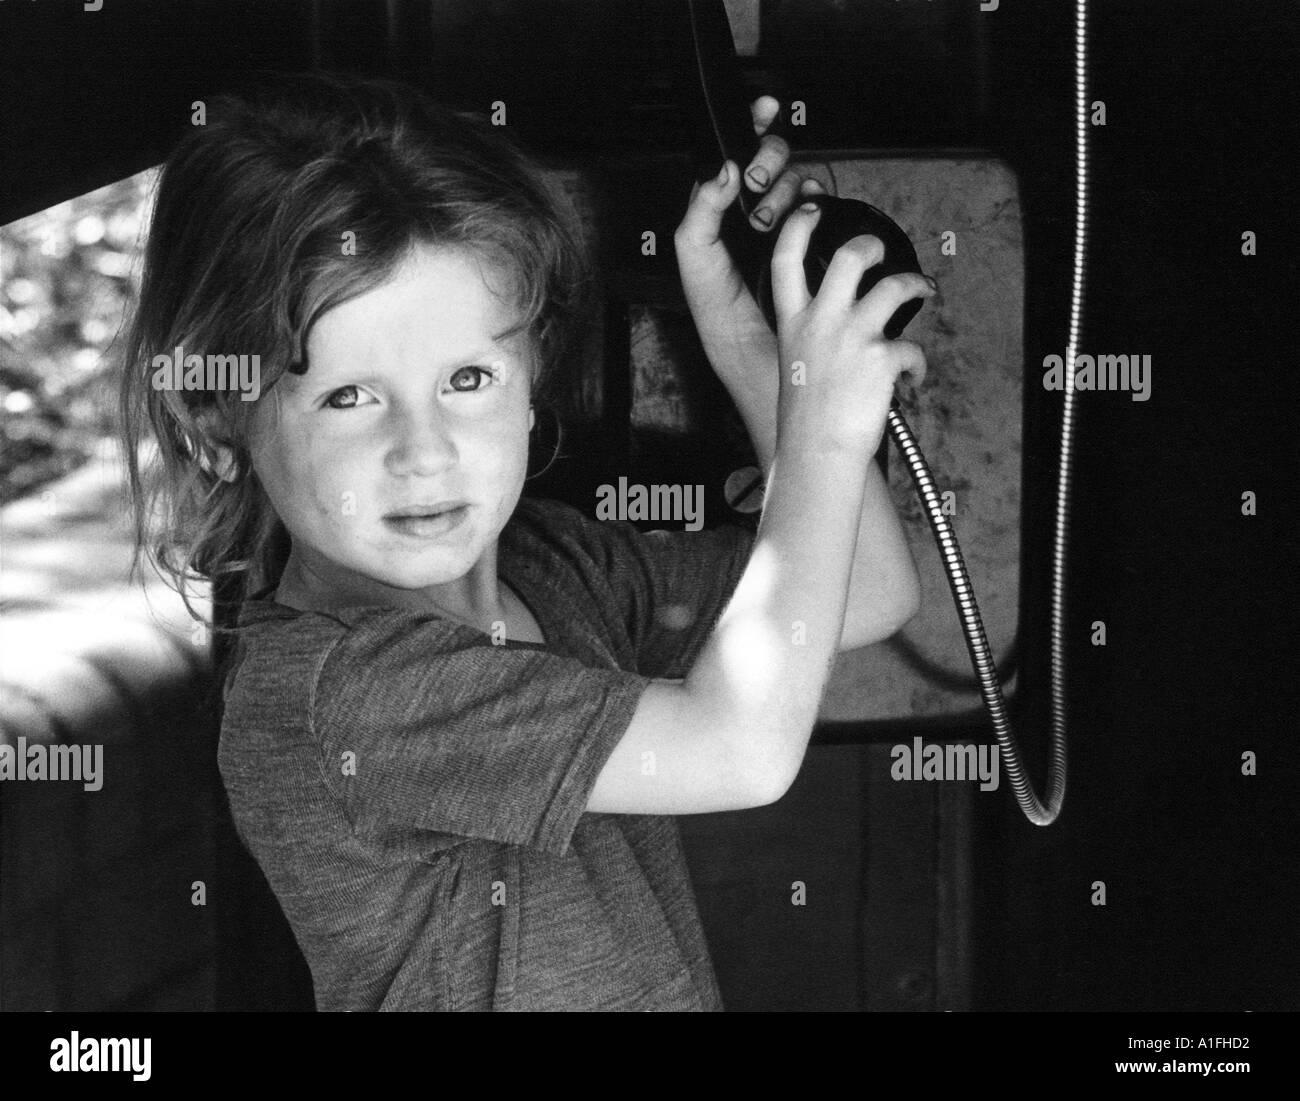 Child reaching for telephone in street kiosk - Stock Image